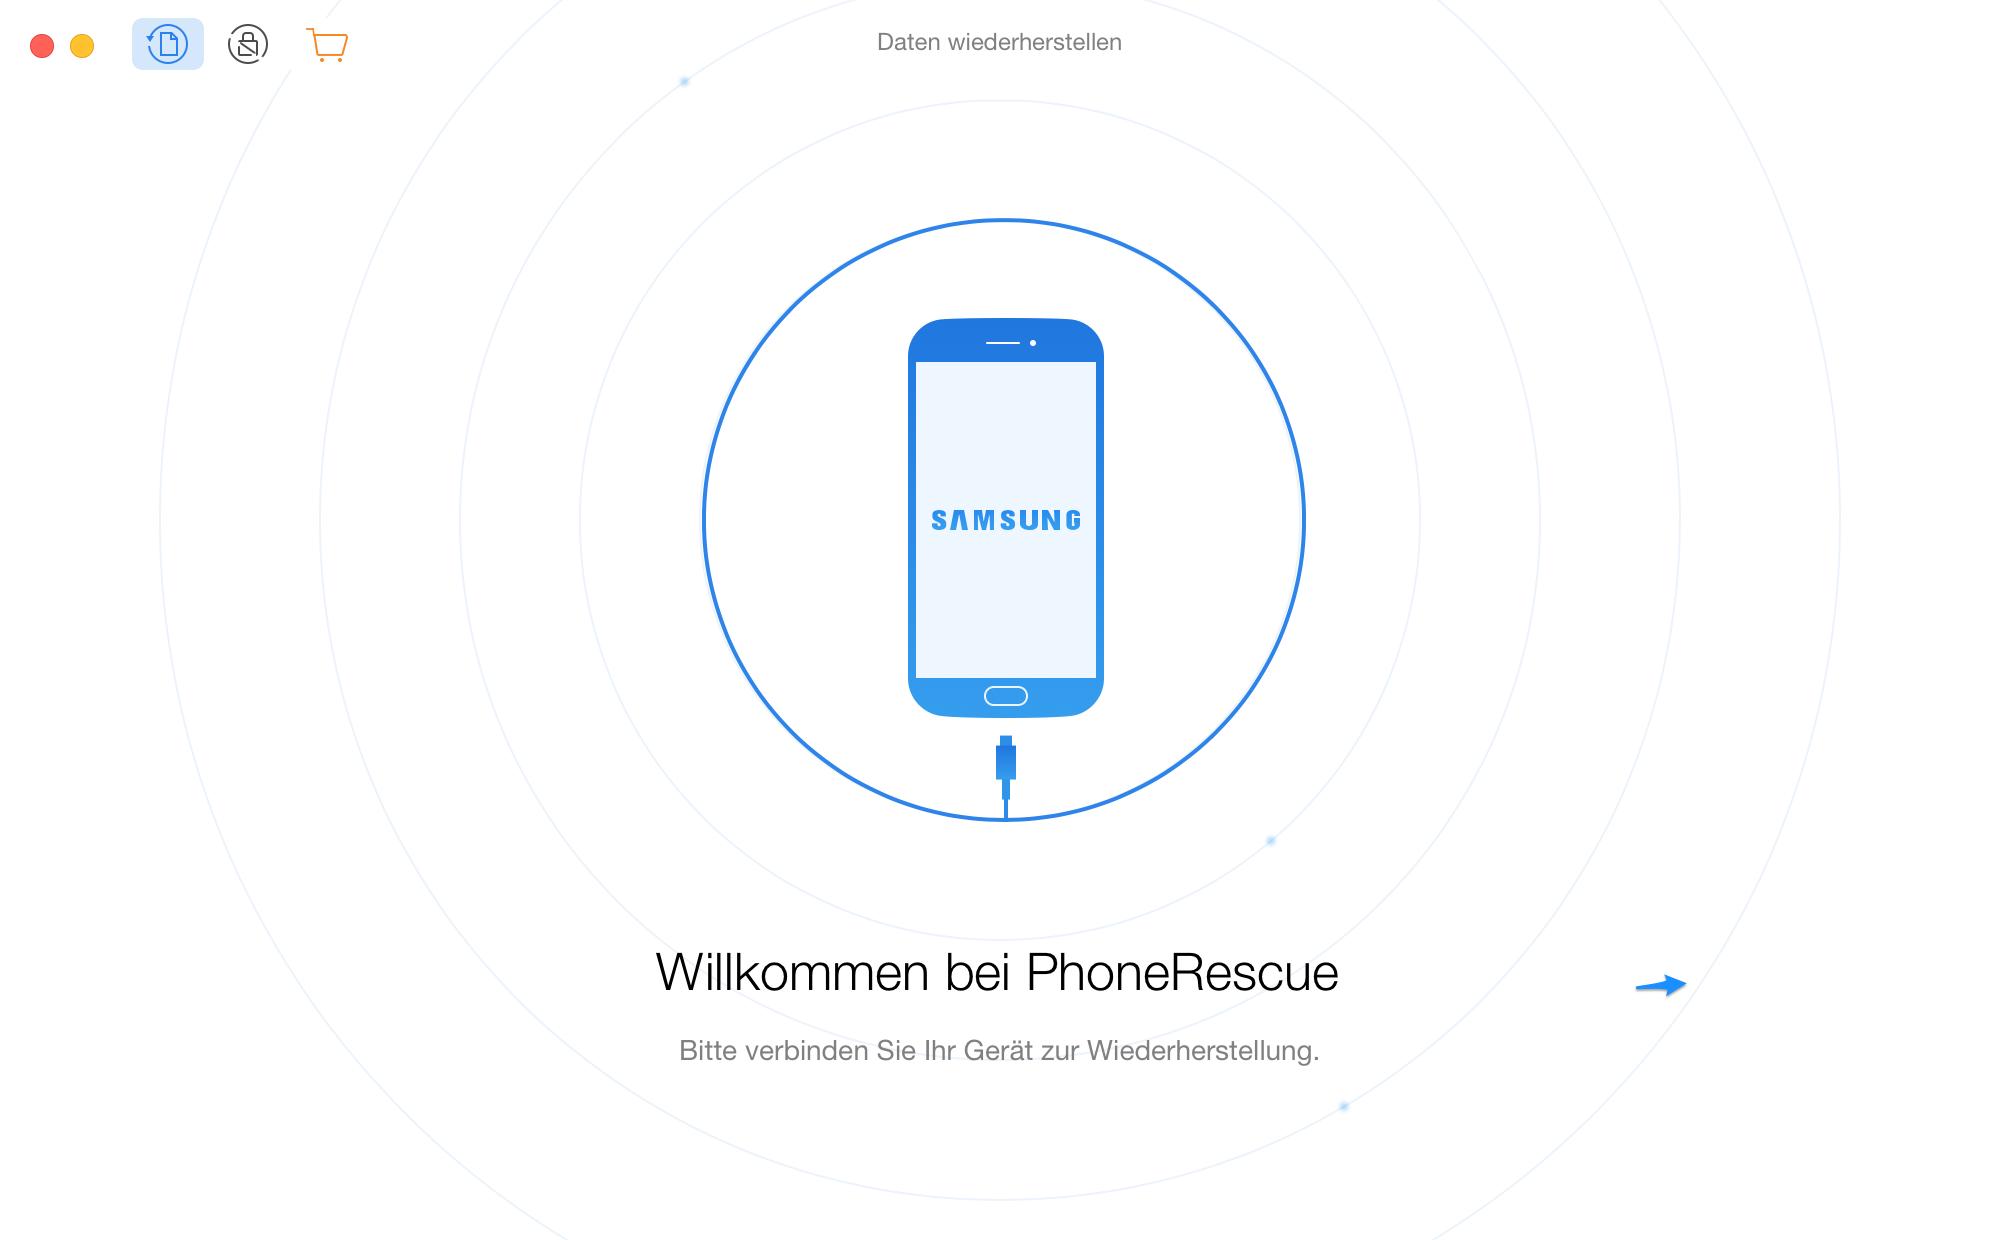 Willkommen bei PhoneRescue für Samsung